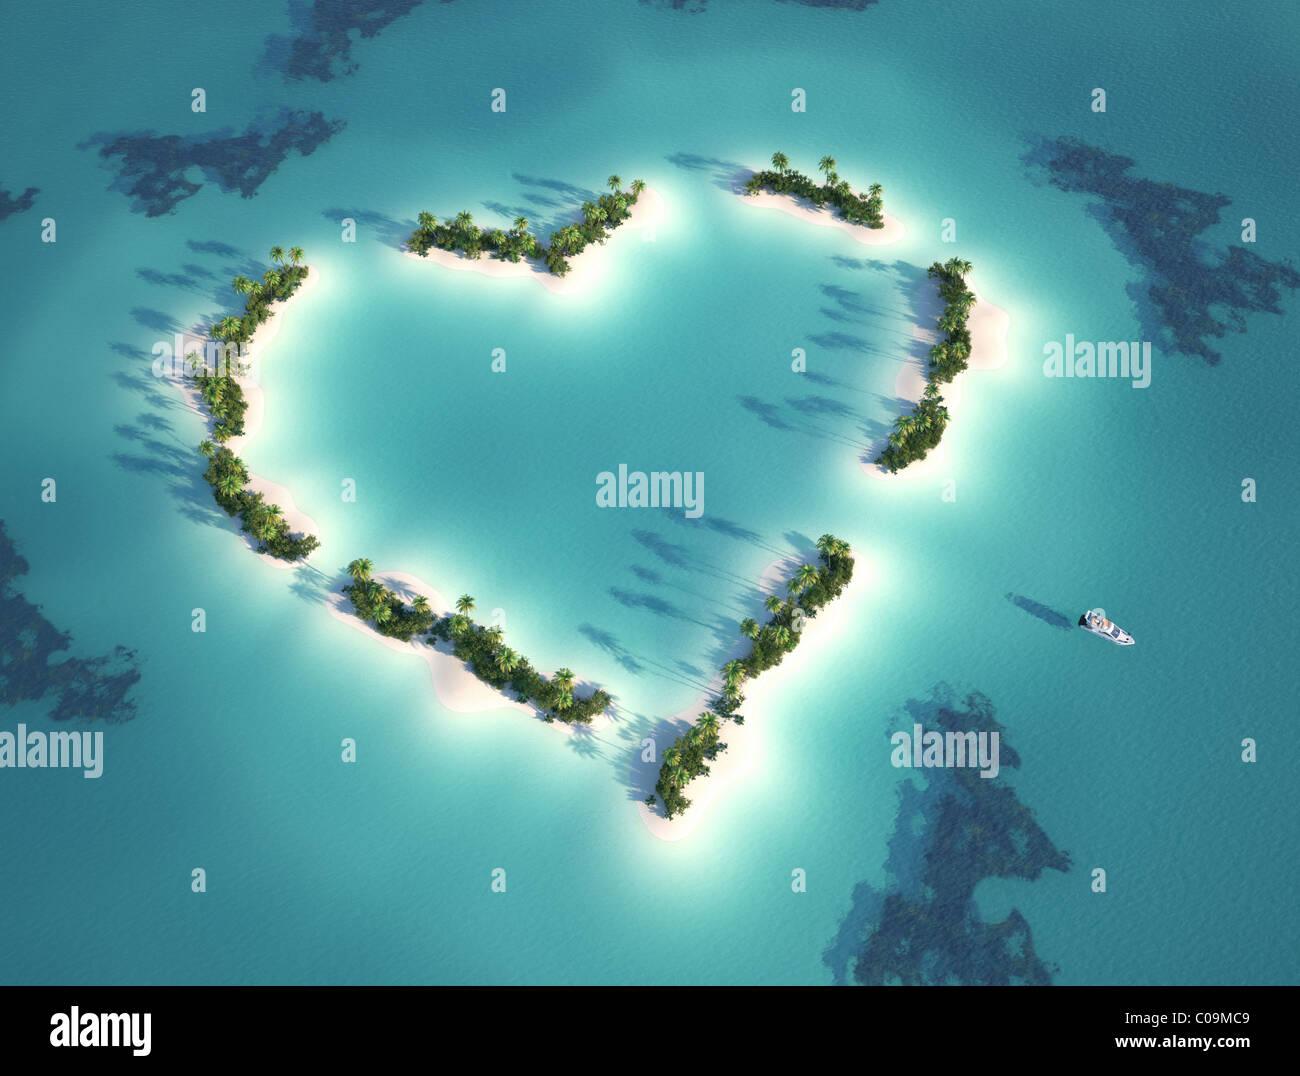 Vista aérea de la isla con forma de corazón como concepto de yate romántica vacaciones Imagen De Stock